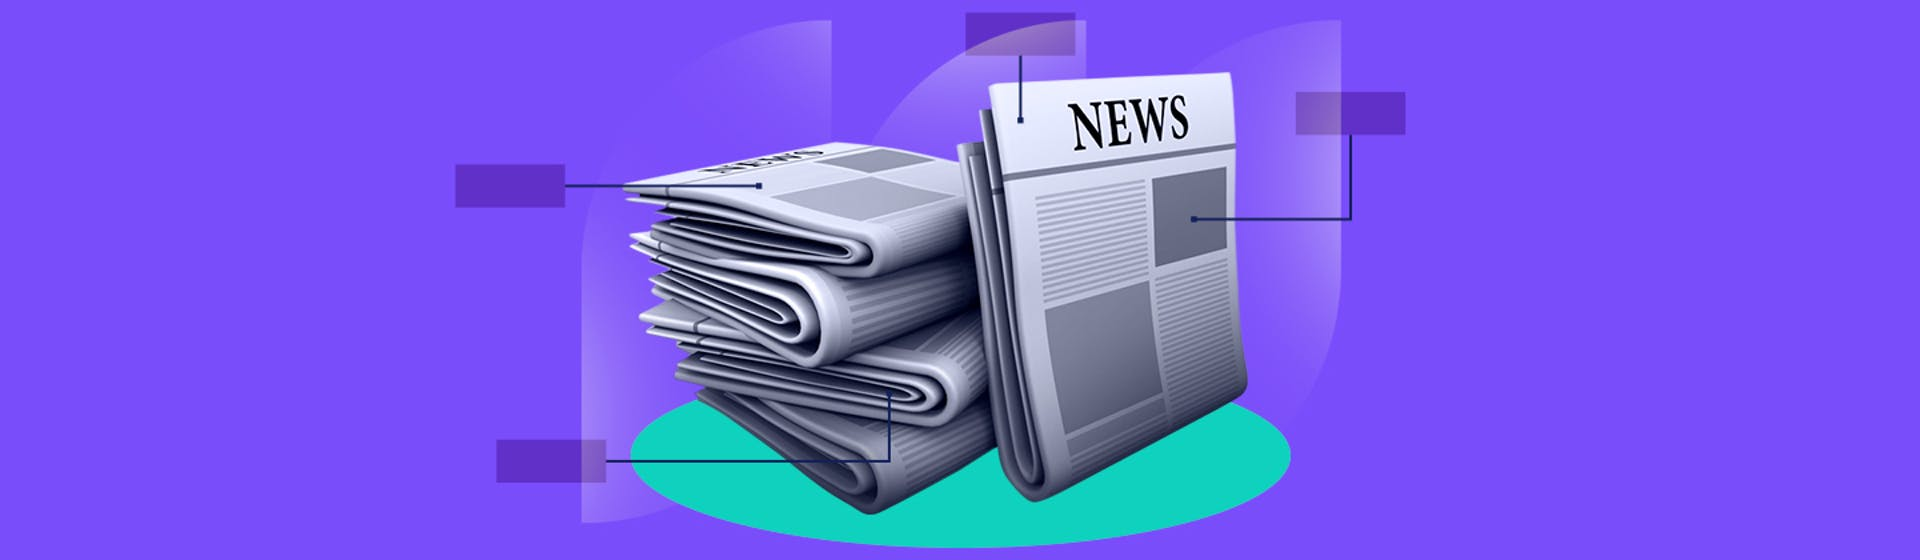 Conoce las partes de una noticia periodística y engancha a tus lectores